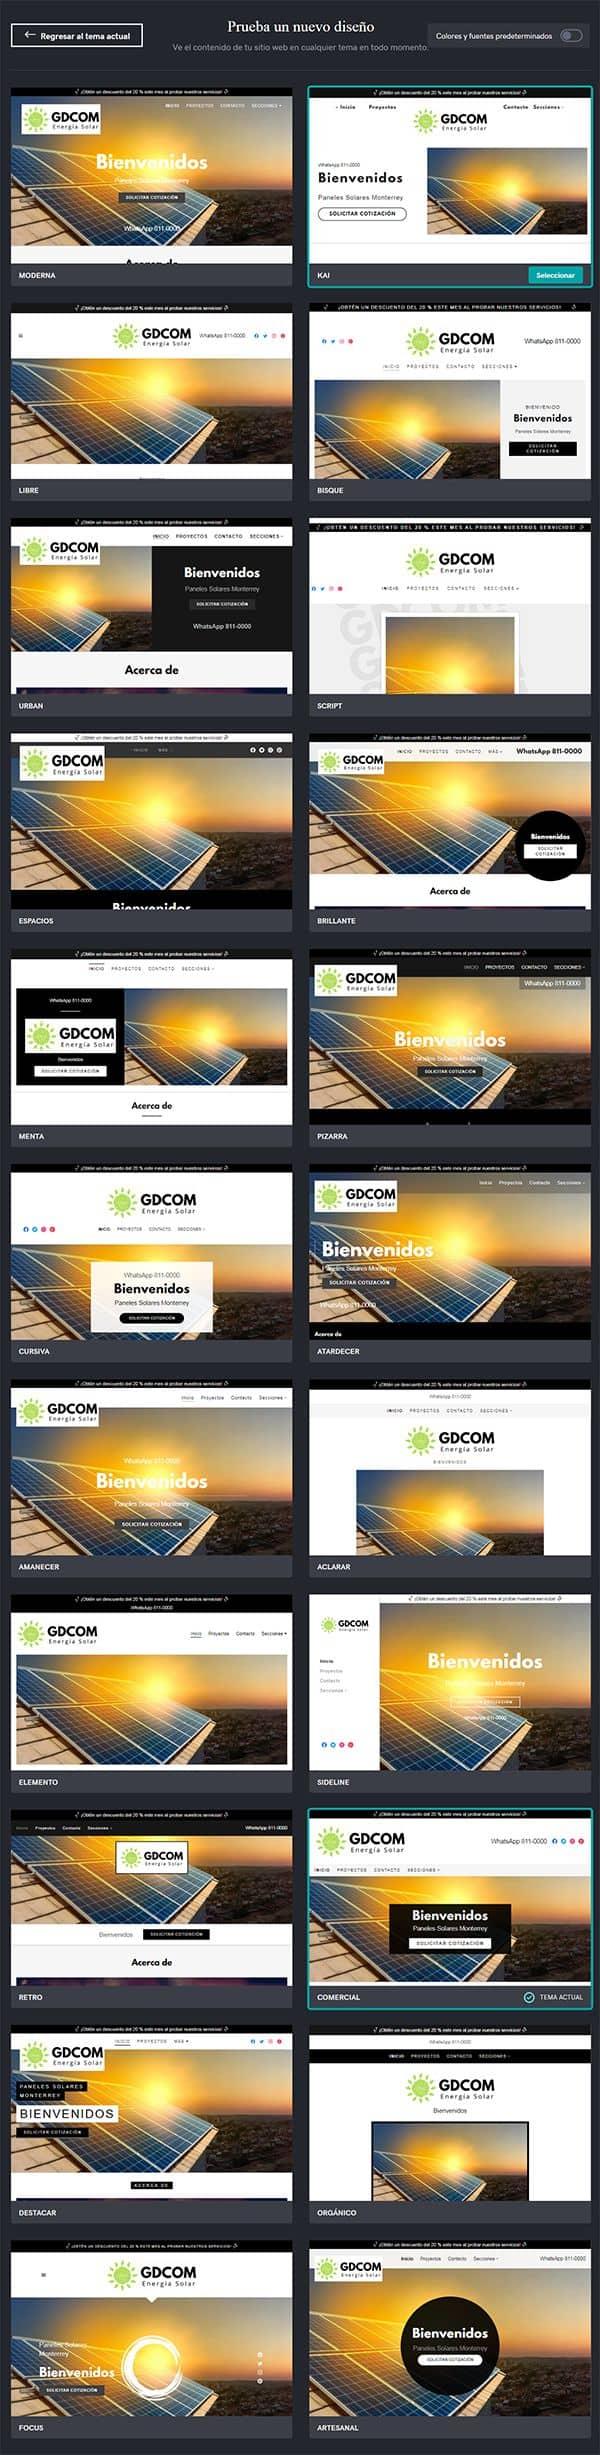 Diseños de temas del creador de páginas web de GoDaddy